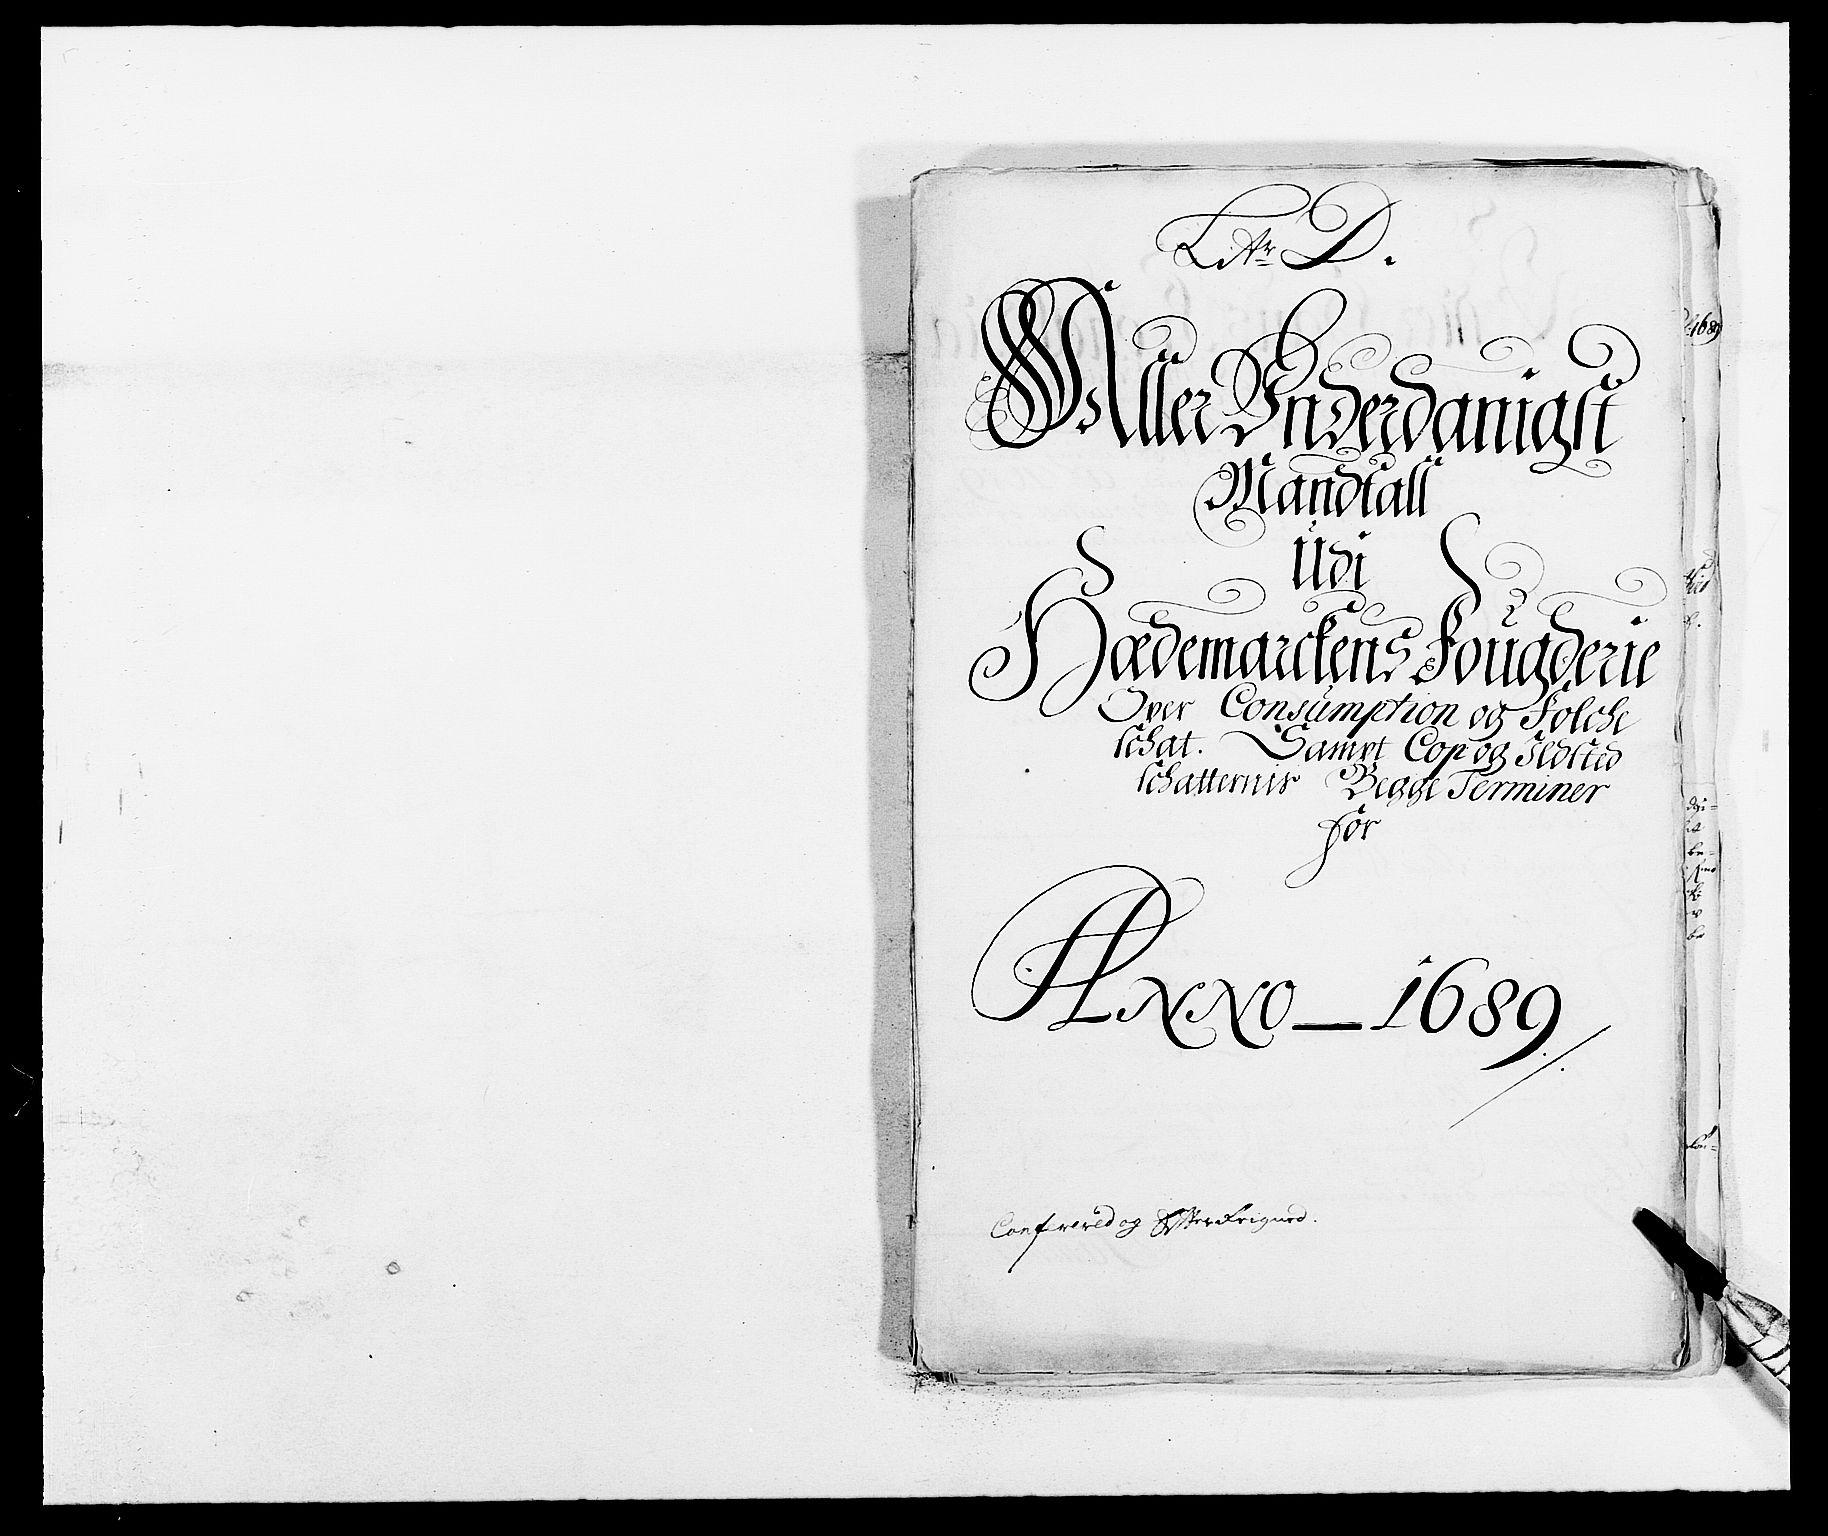 RA, Rentekammeret inntil 1814, Reviderte regnskaper, Fogderegnskap, R16/L1030: Fogderegnskap Hedmark, 1689-1691, s. 132